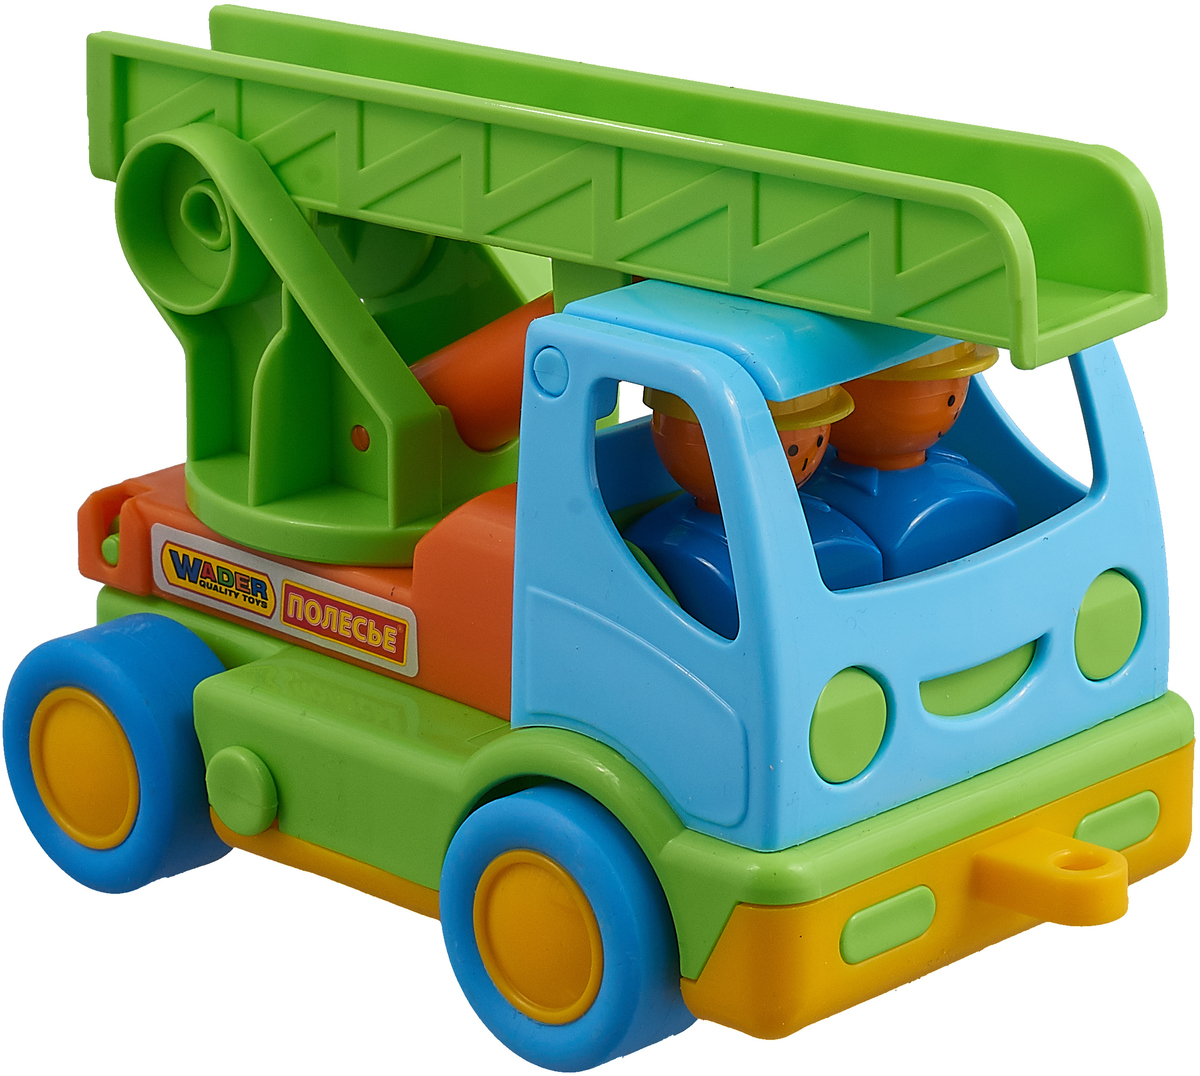 Полесье Пожарный автомобиль Мой первый грузовик, 3225, цвет в ассортименте автомобиль пожарный полесье мой первый грузовик в сеточке 3225